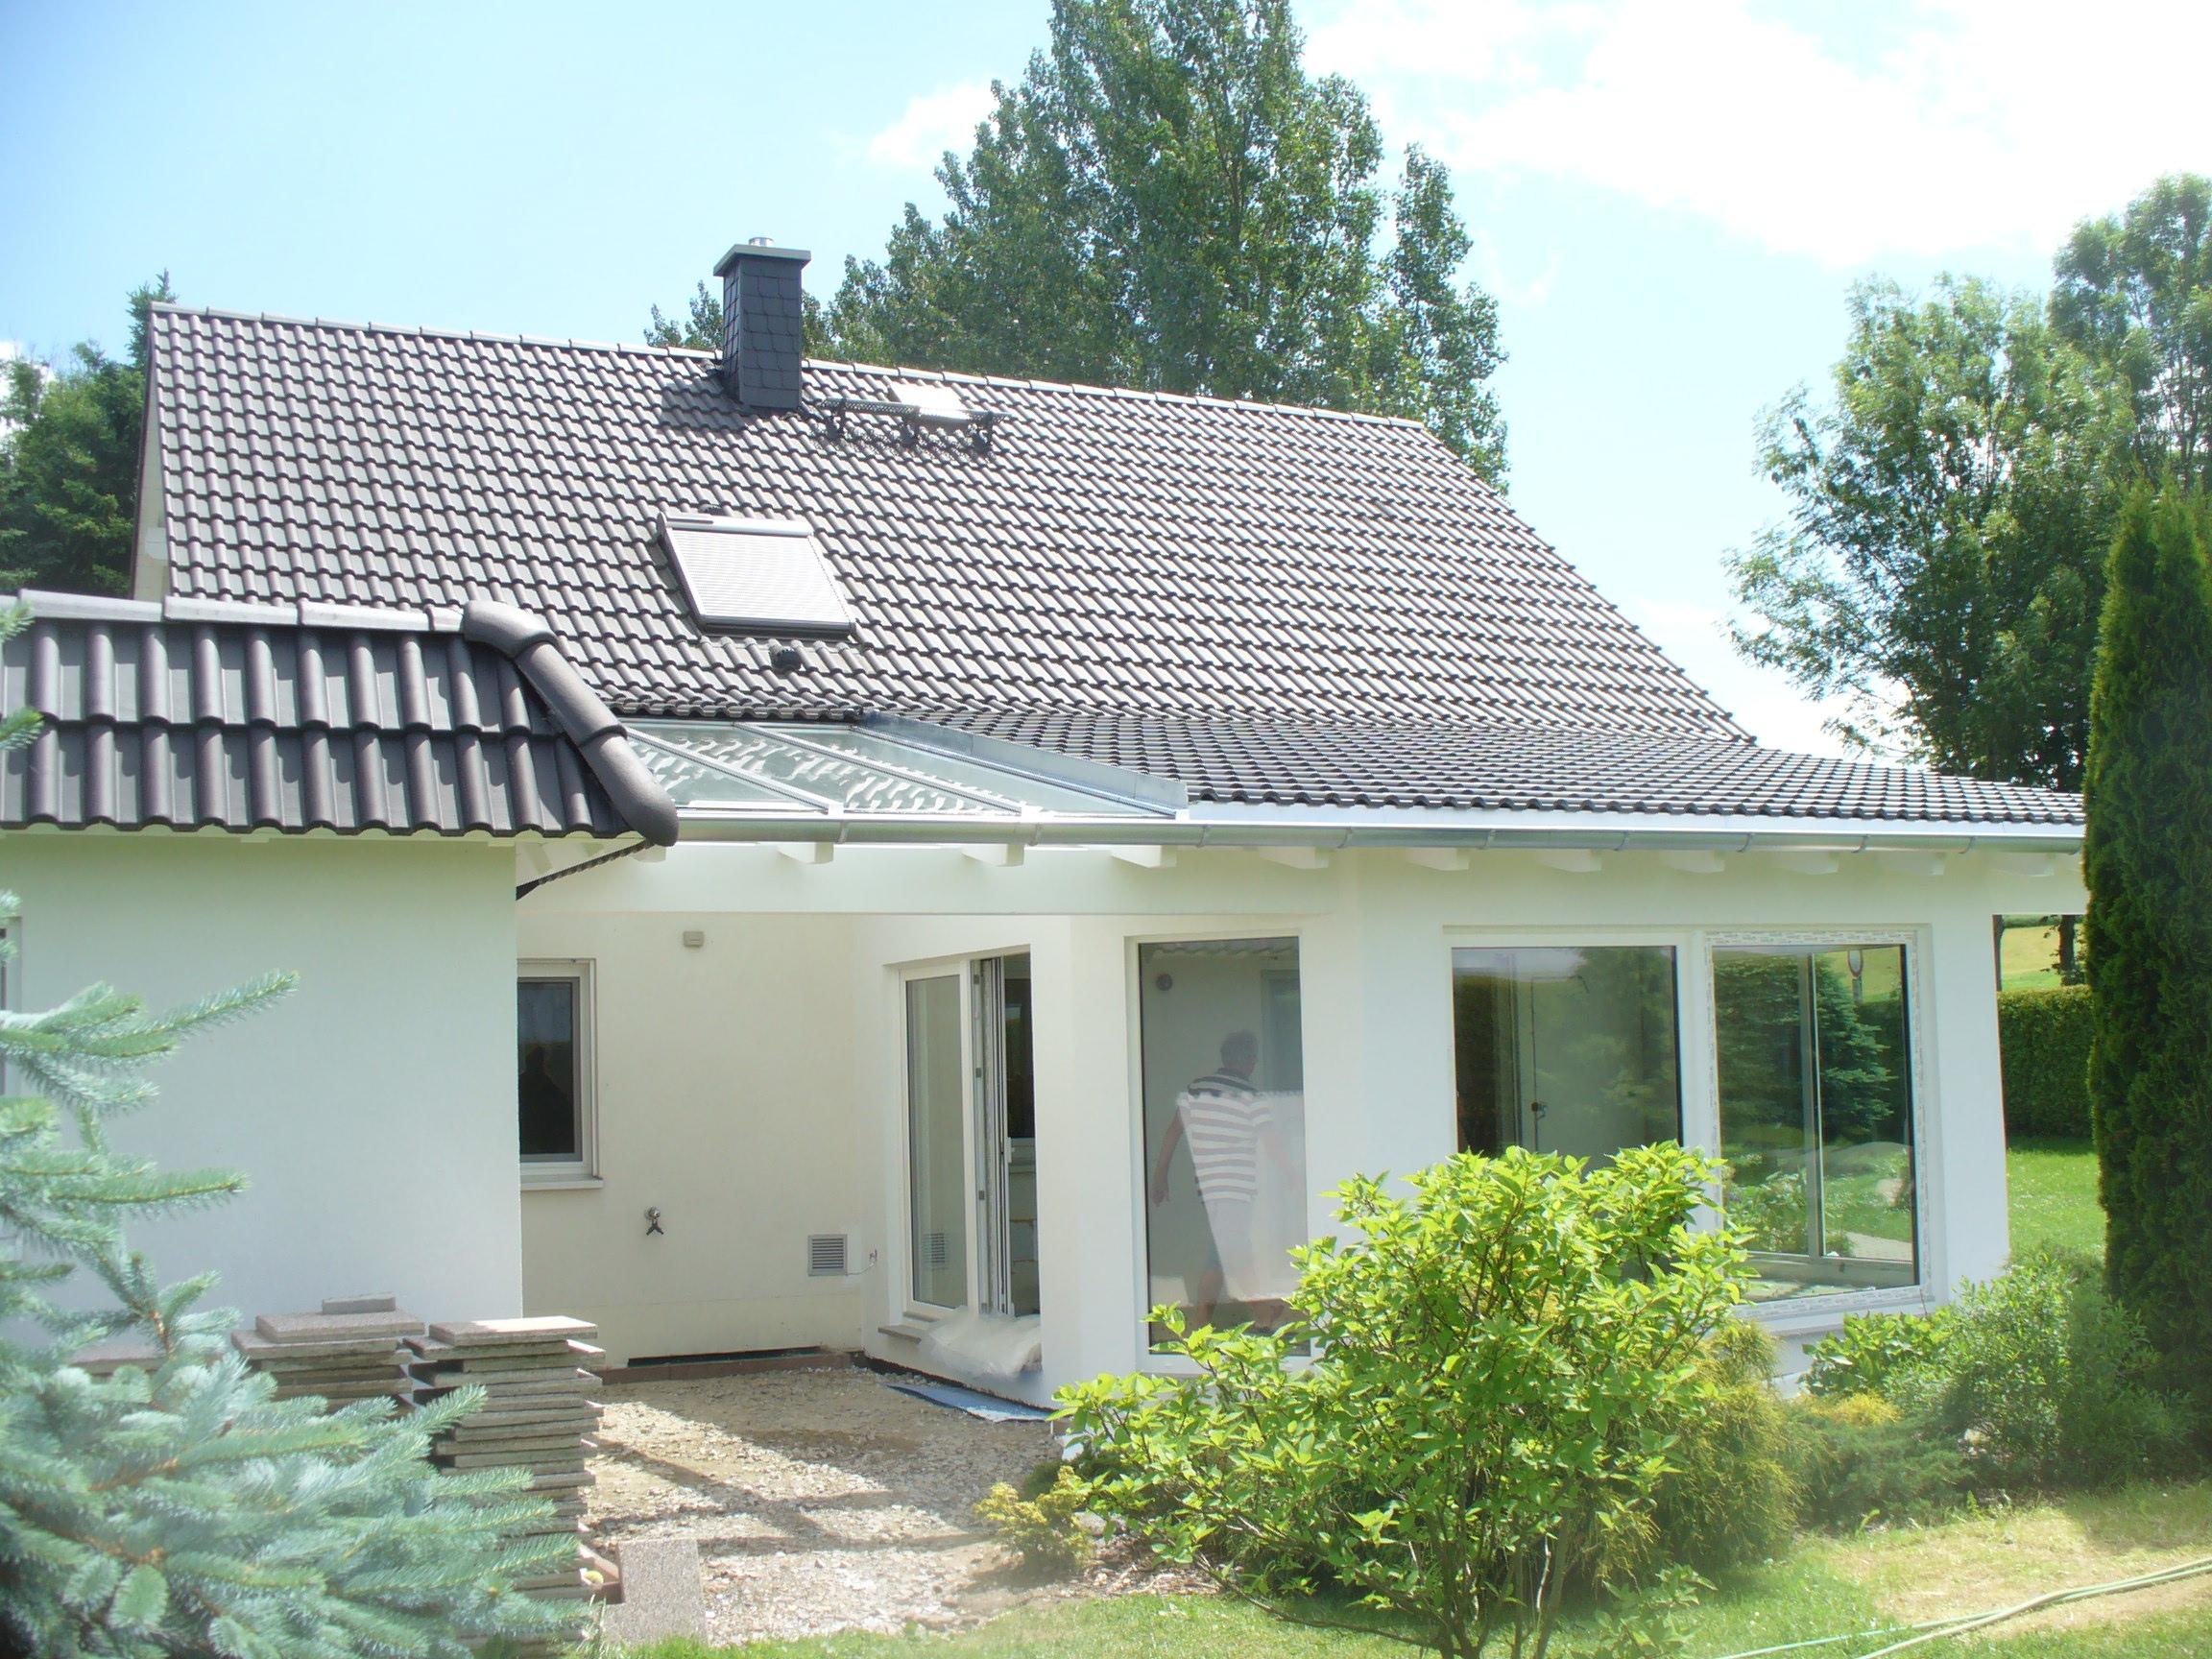 Auch Für Diese Terrassenüberdachung Wurde Das Wohnhausdach Optisch  Verlängert, Damit Sie Zusammen Eine Einheit Bilden.